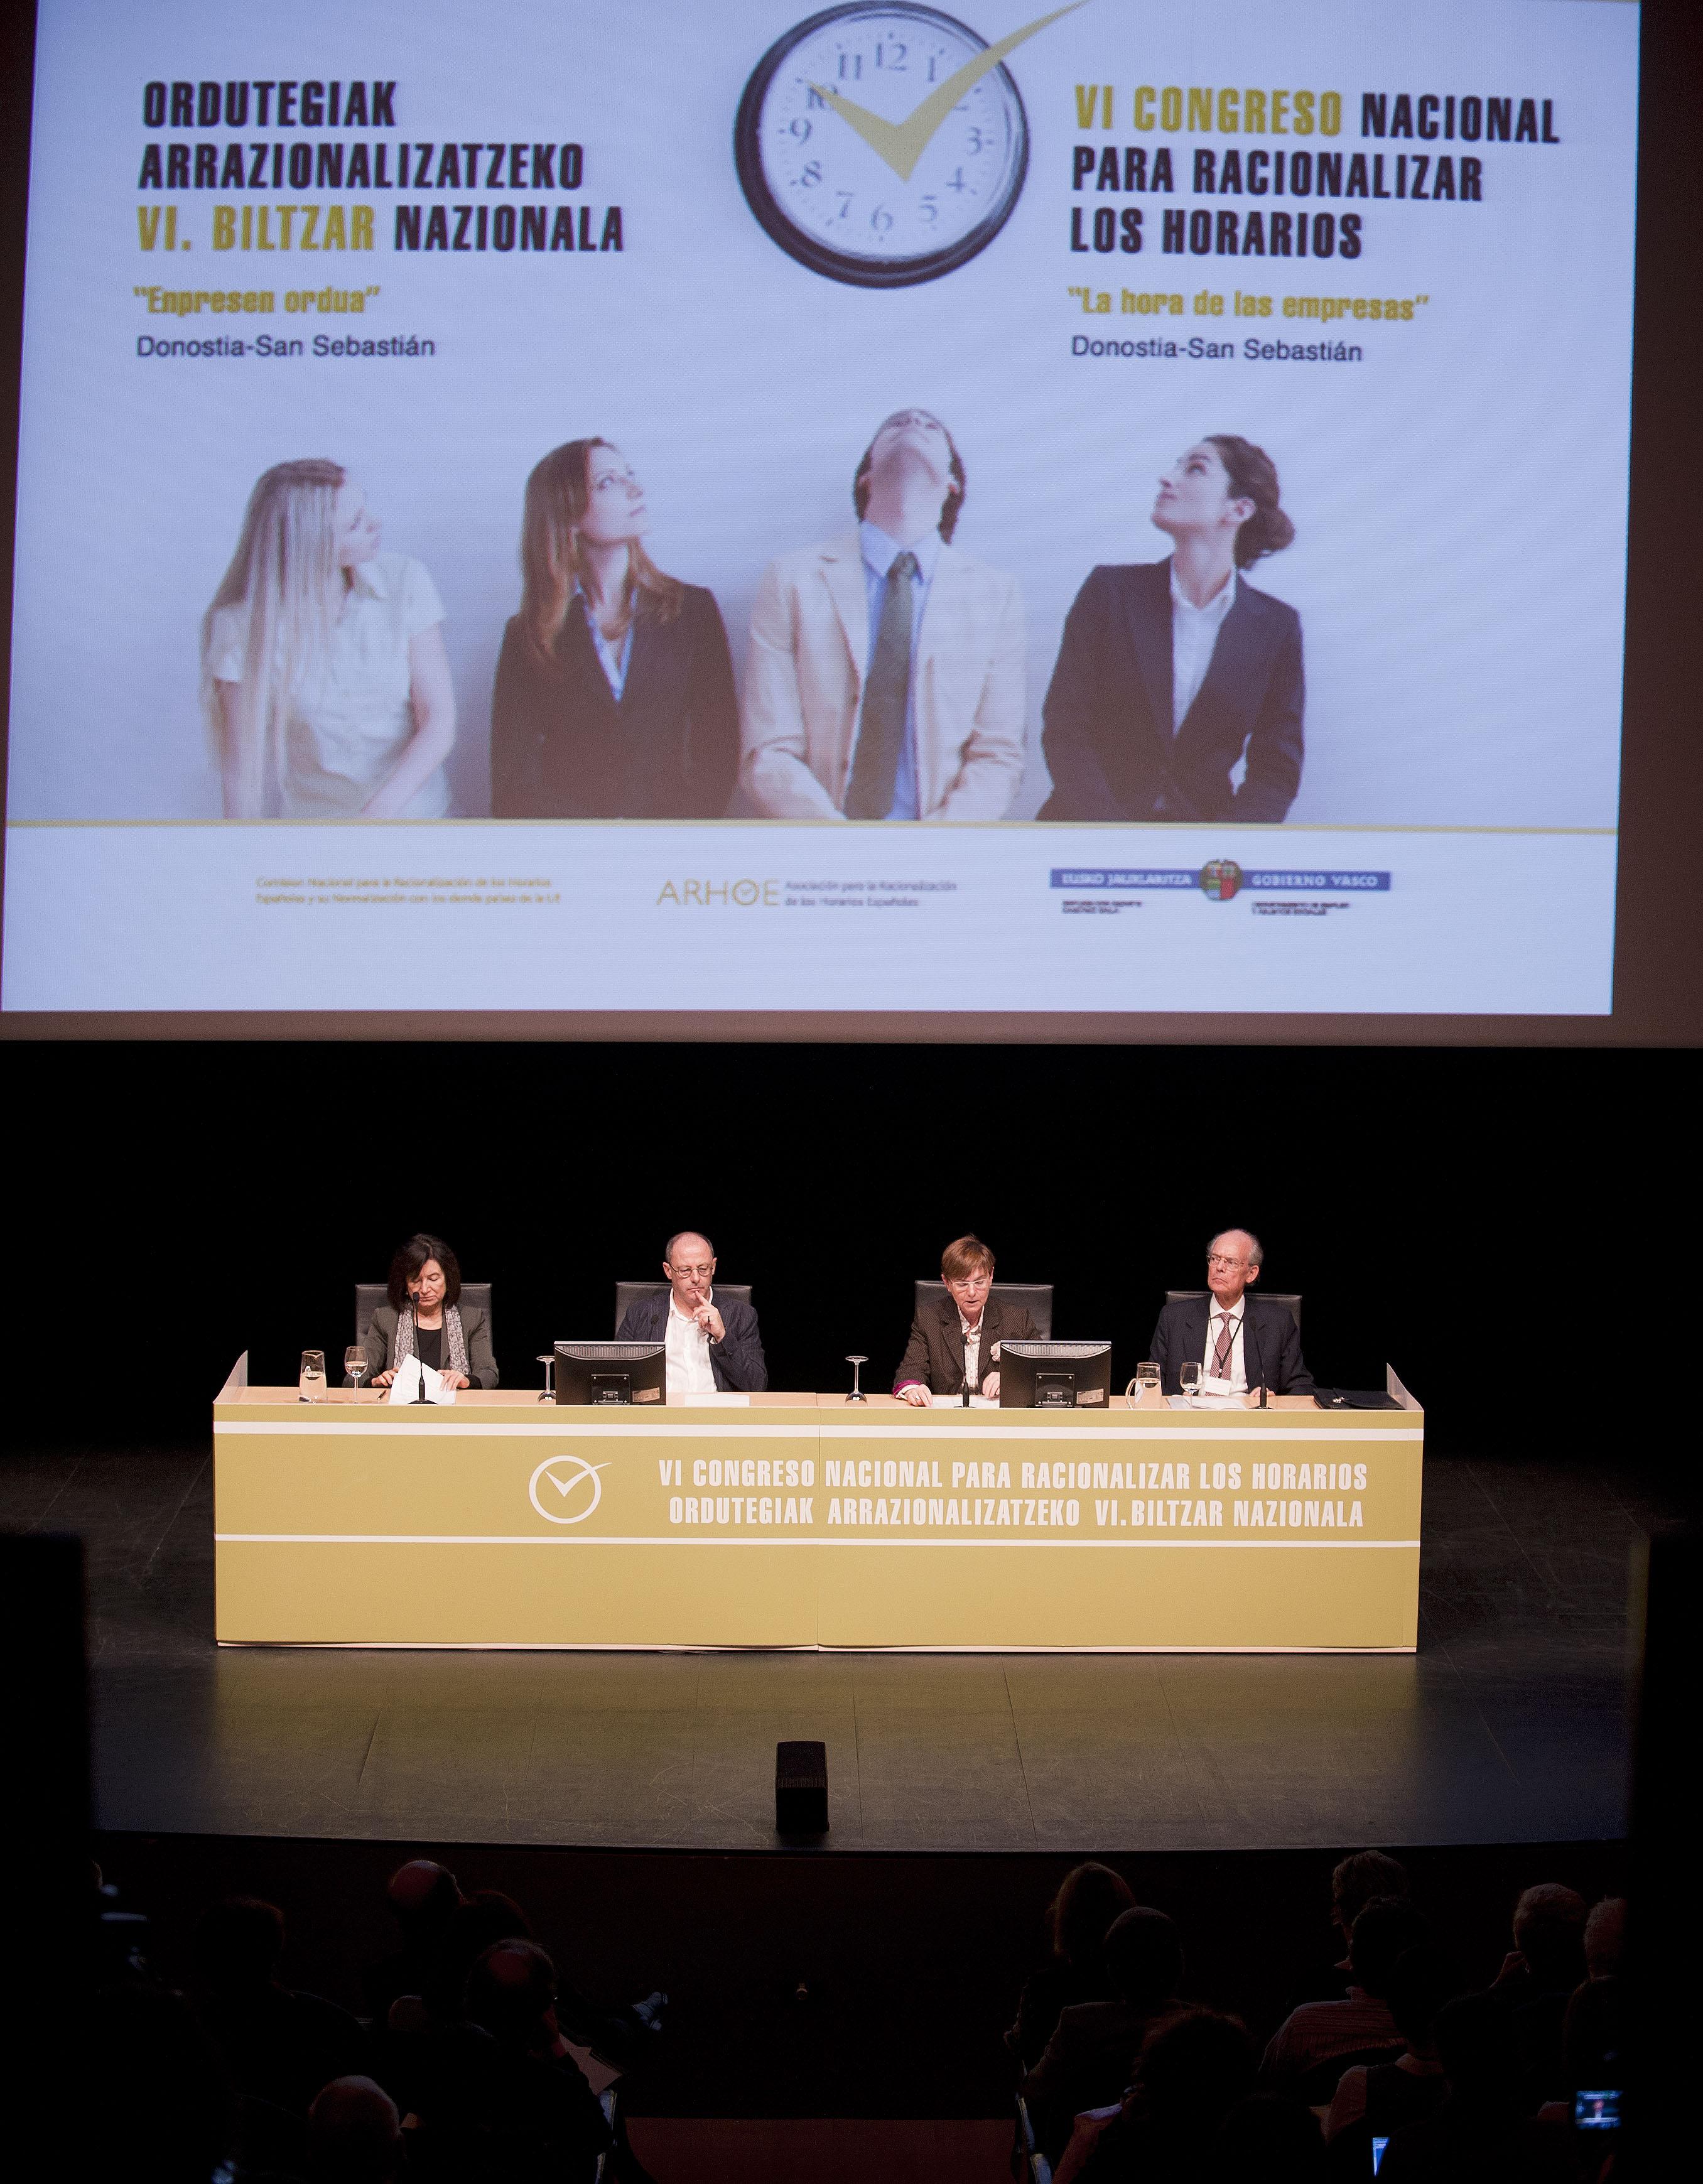 2011_11_15_zabaleta_congreso_racionalizar_horarios13.jpg